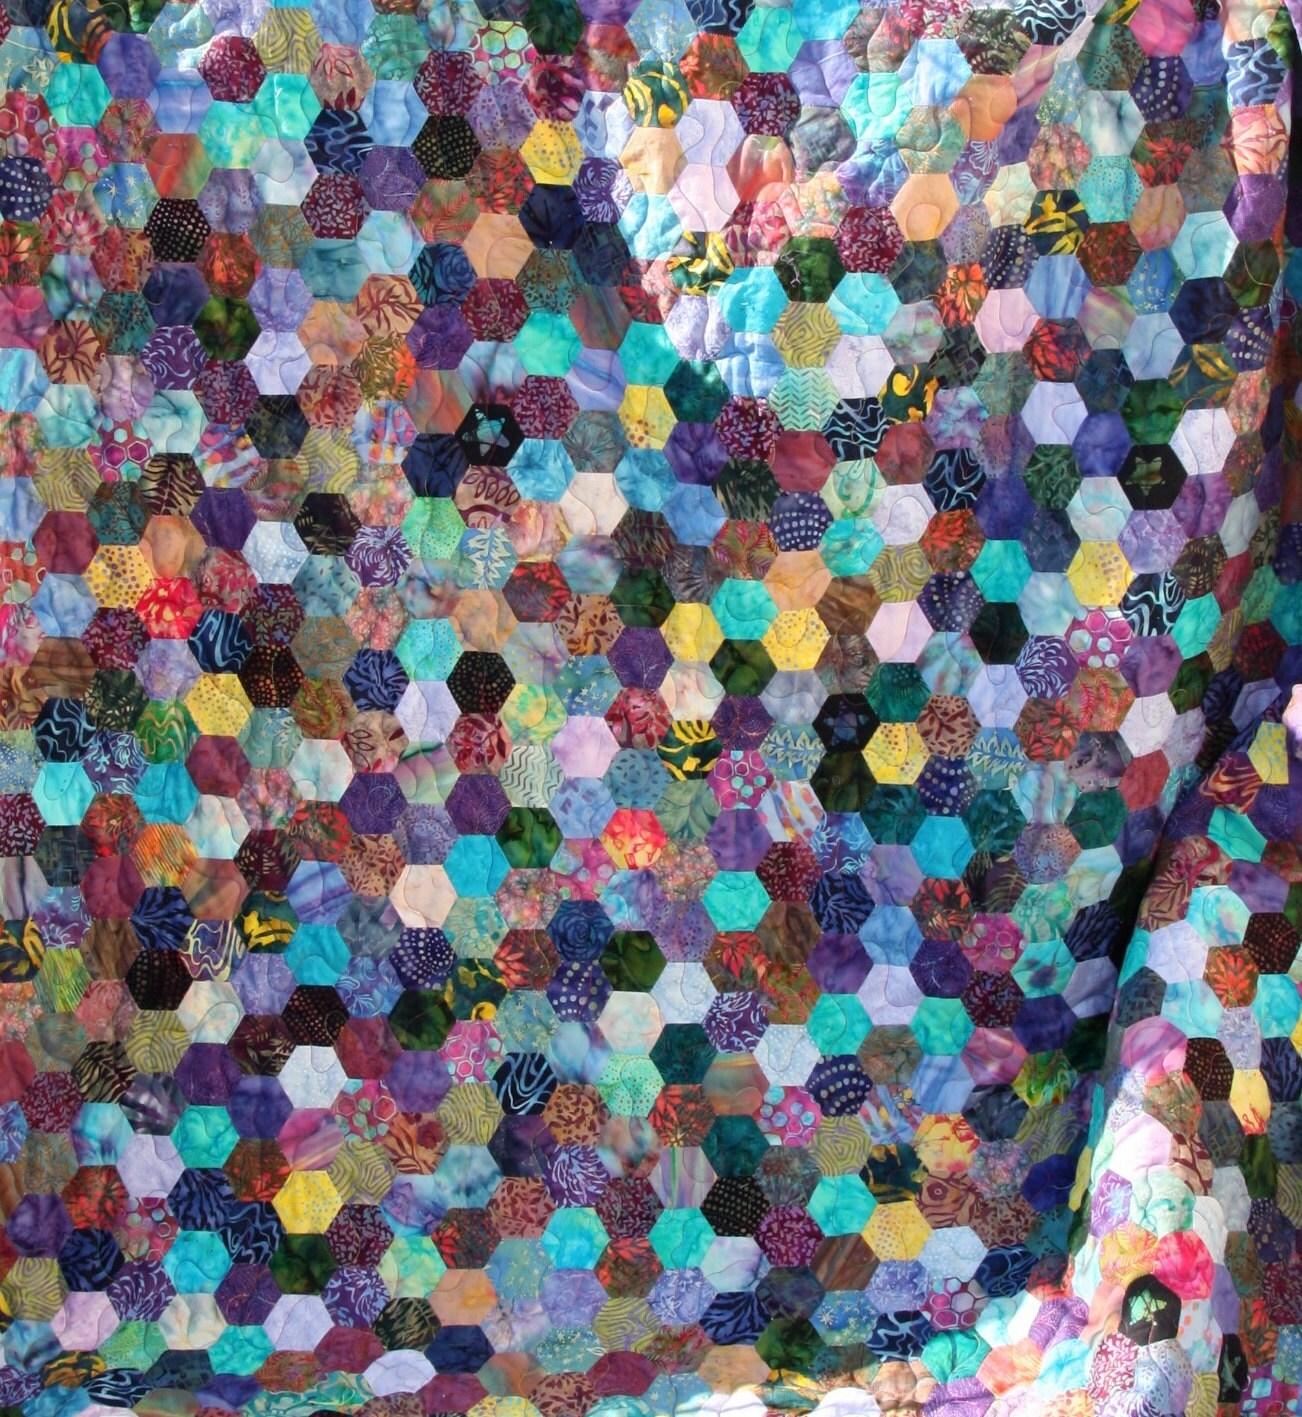 Batik Hexagon Patchwork Quilt Handmade by PingWynny : patchwork quilt handmade - Adamdwight.com